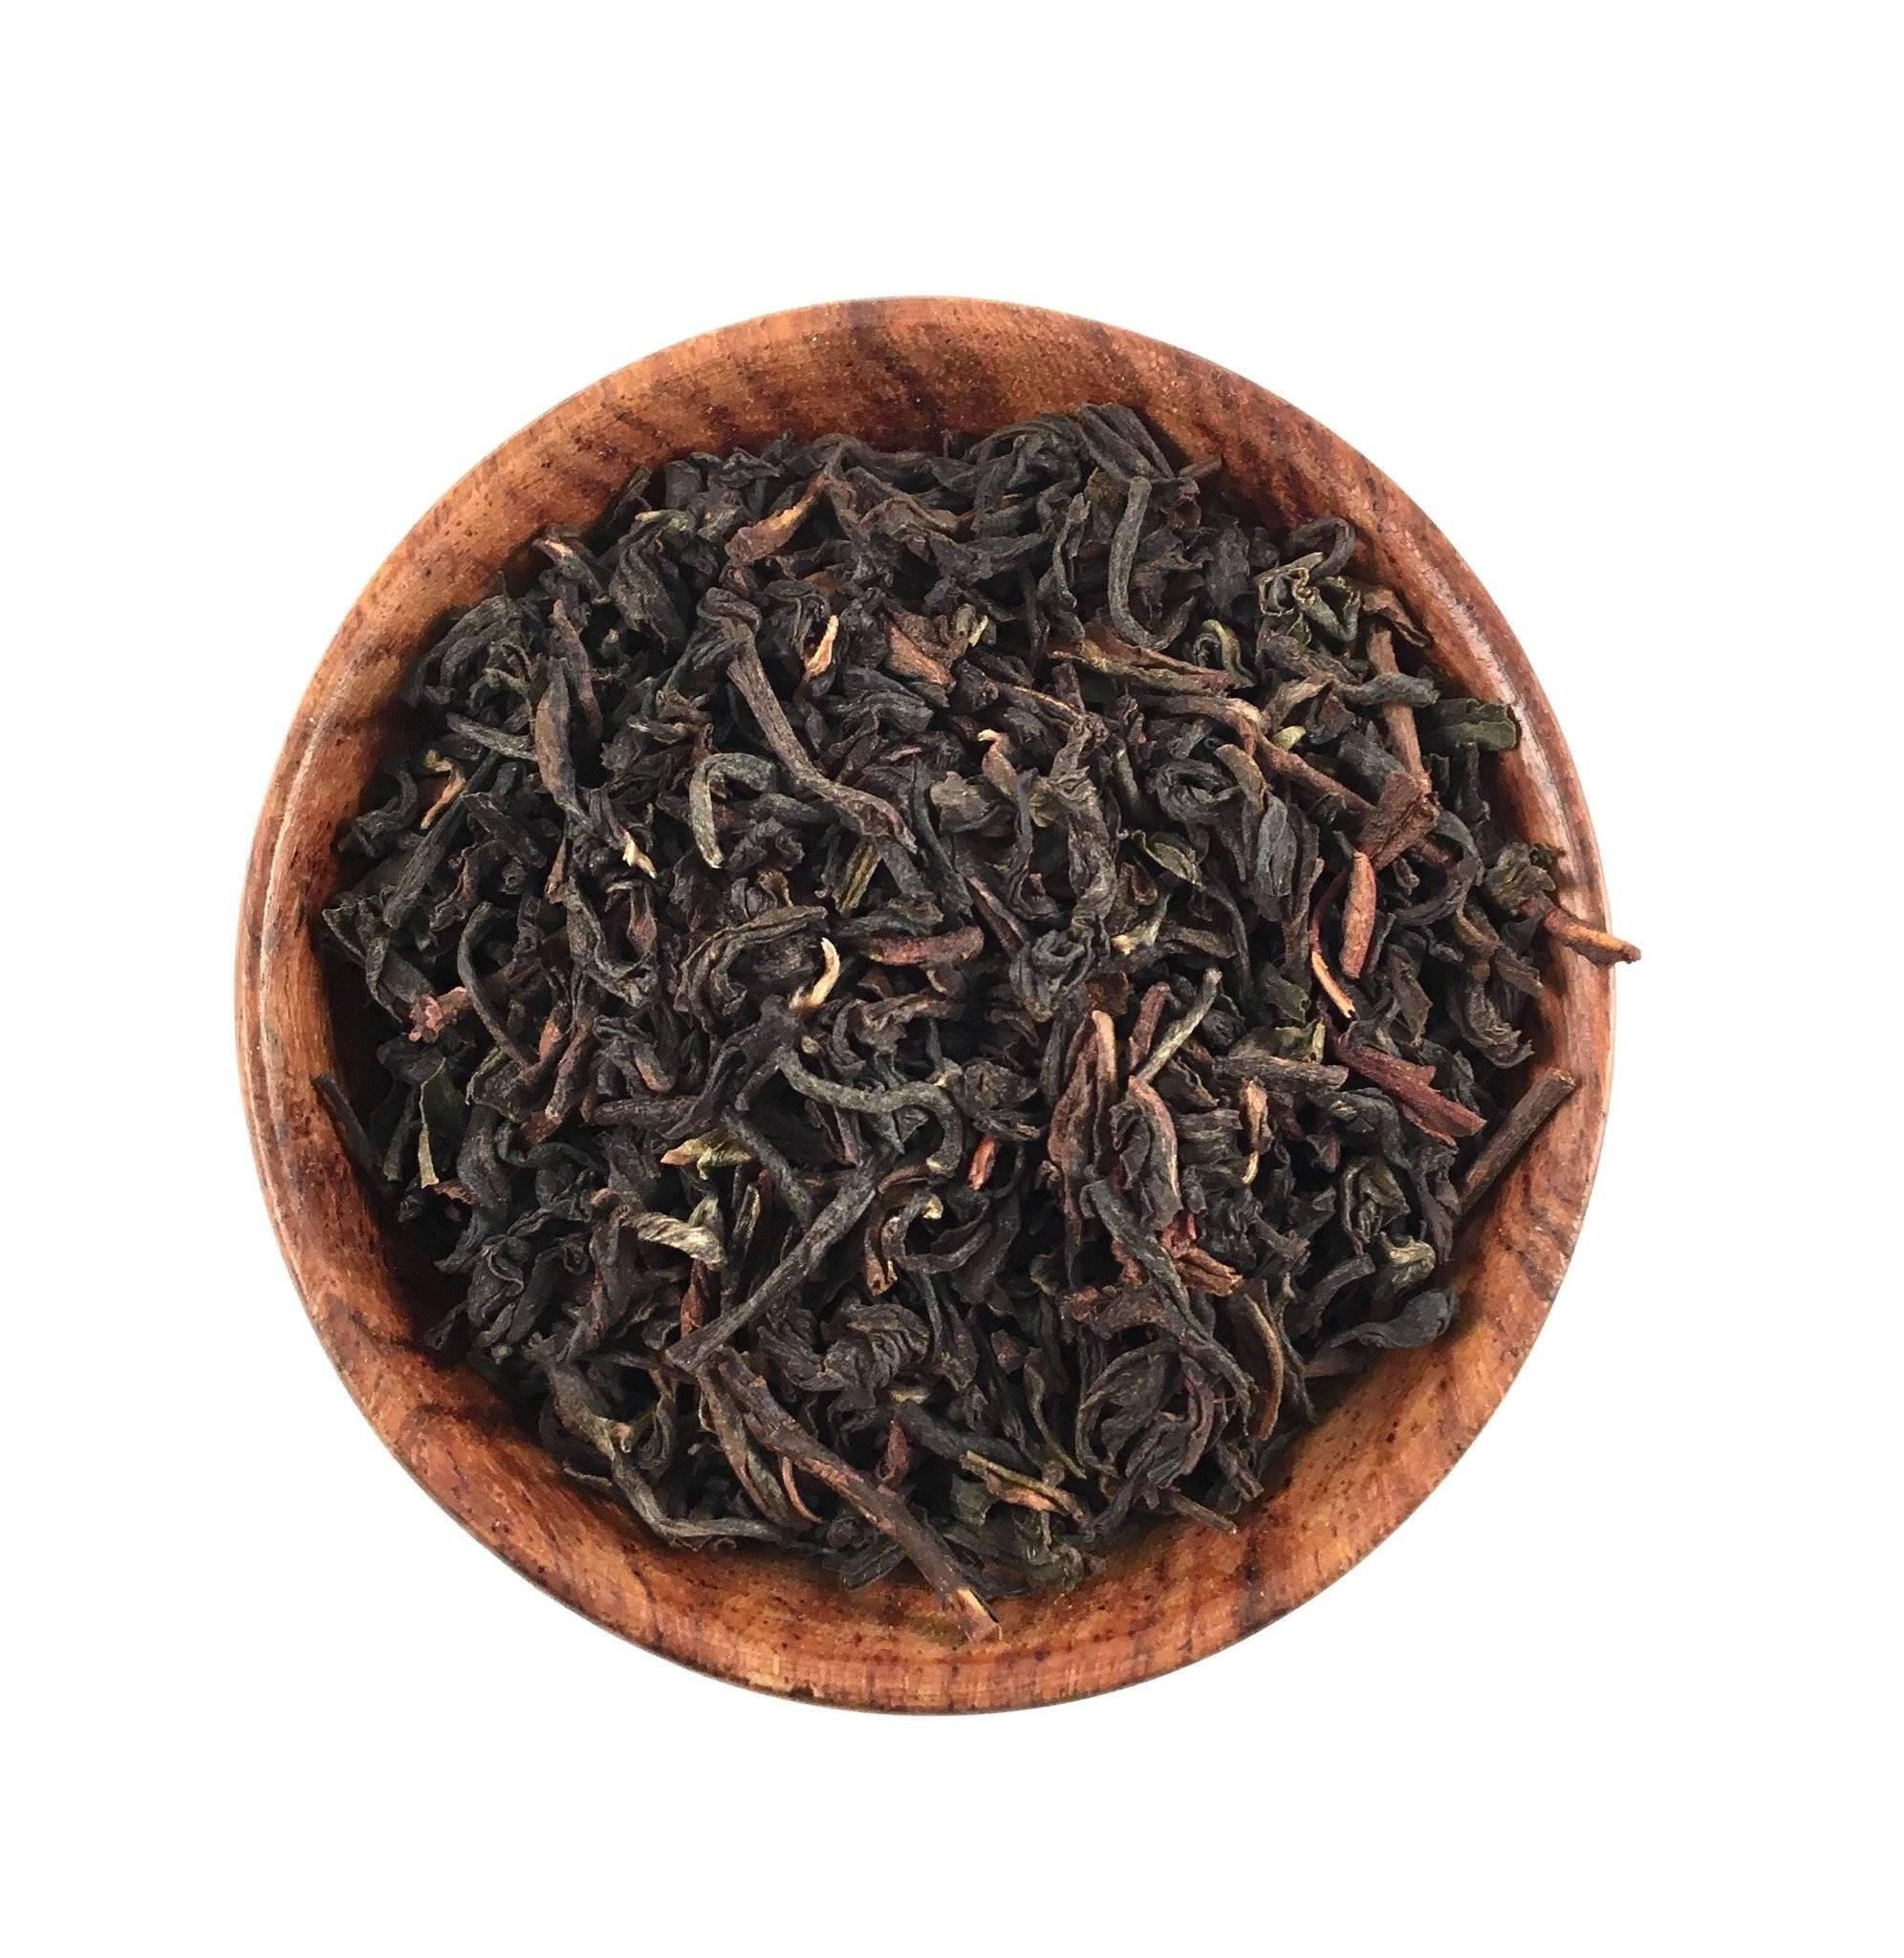 Дарджилинг чай, свойства и особенности | wonder of tea